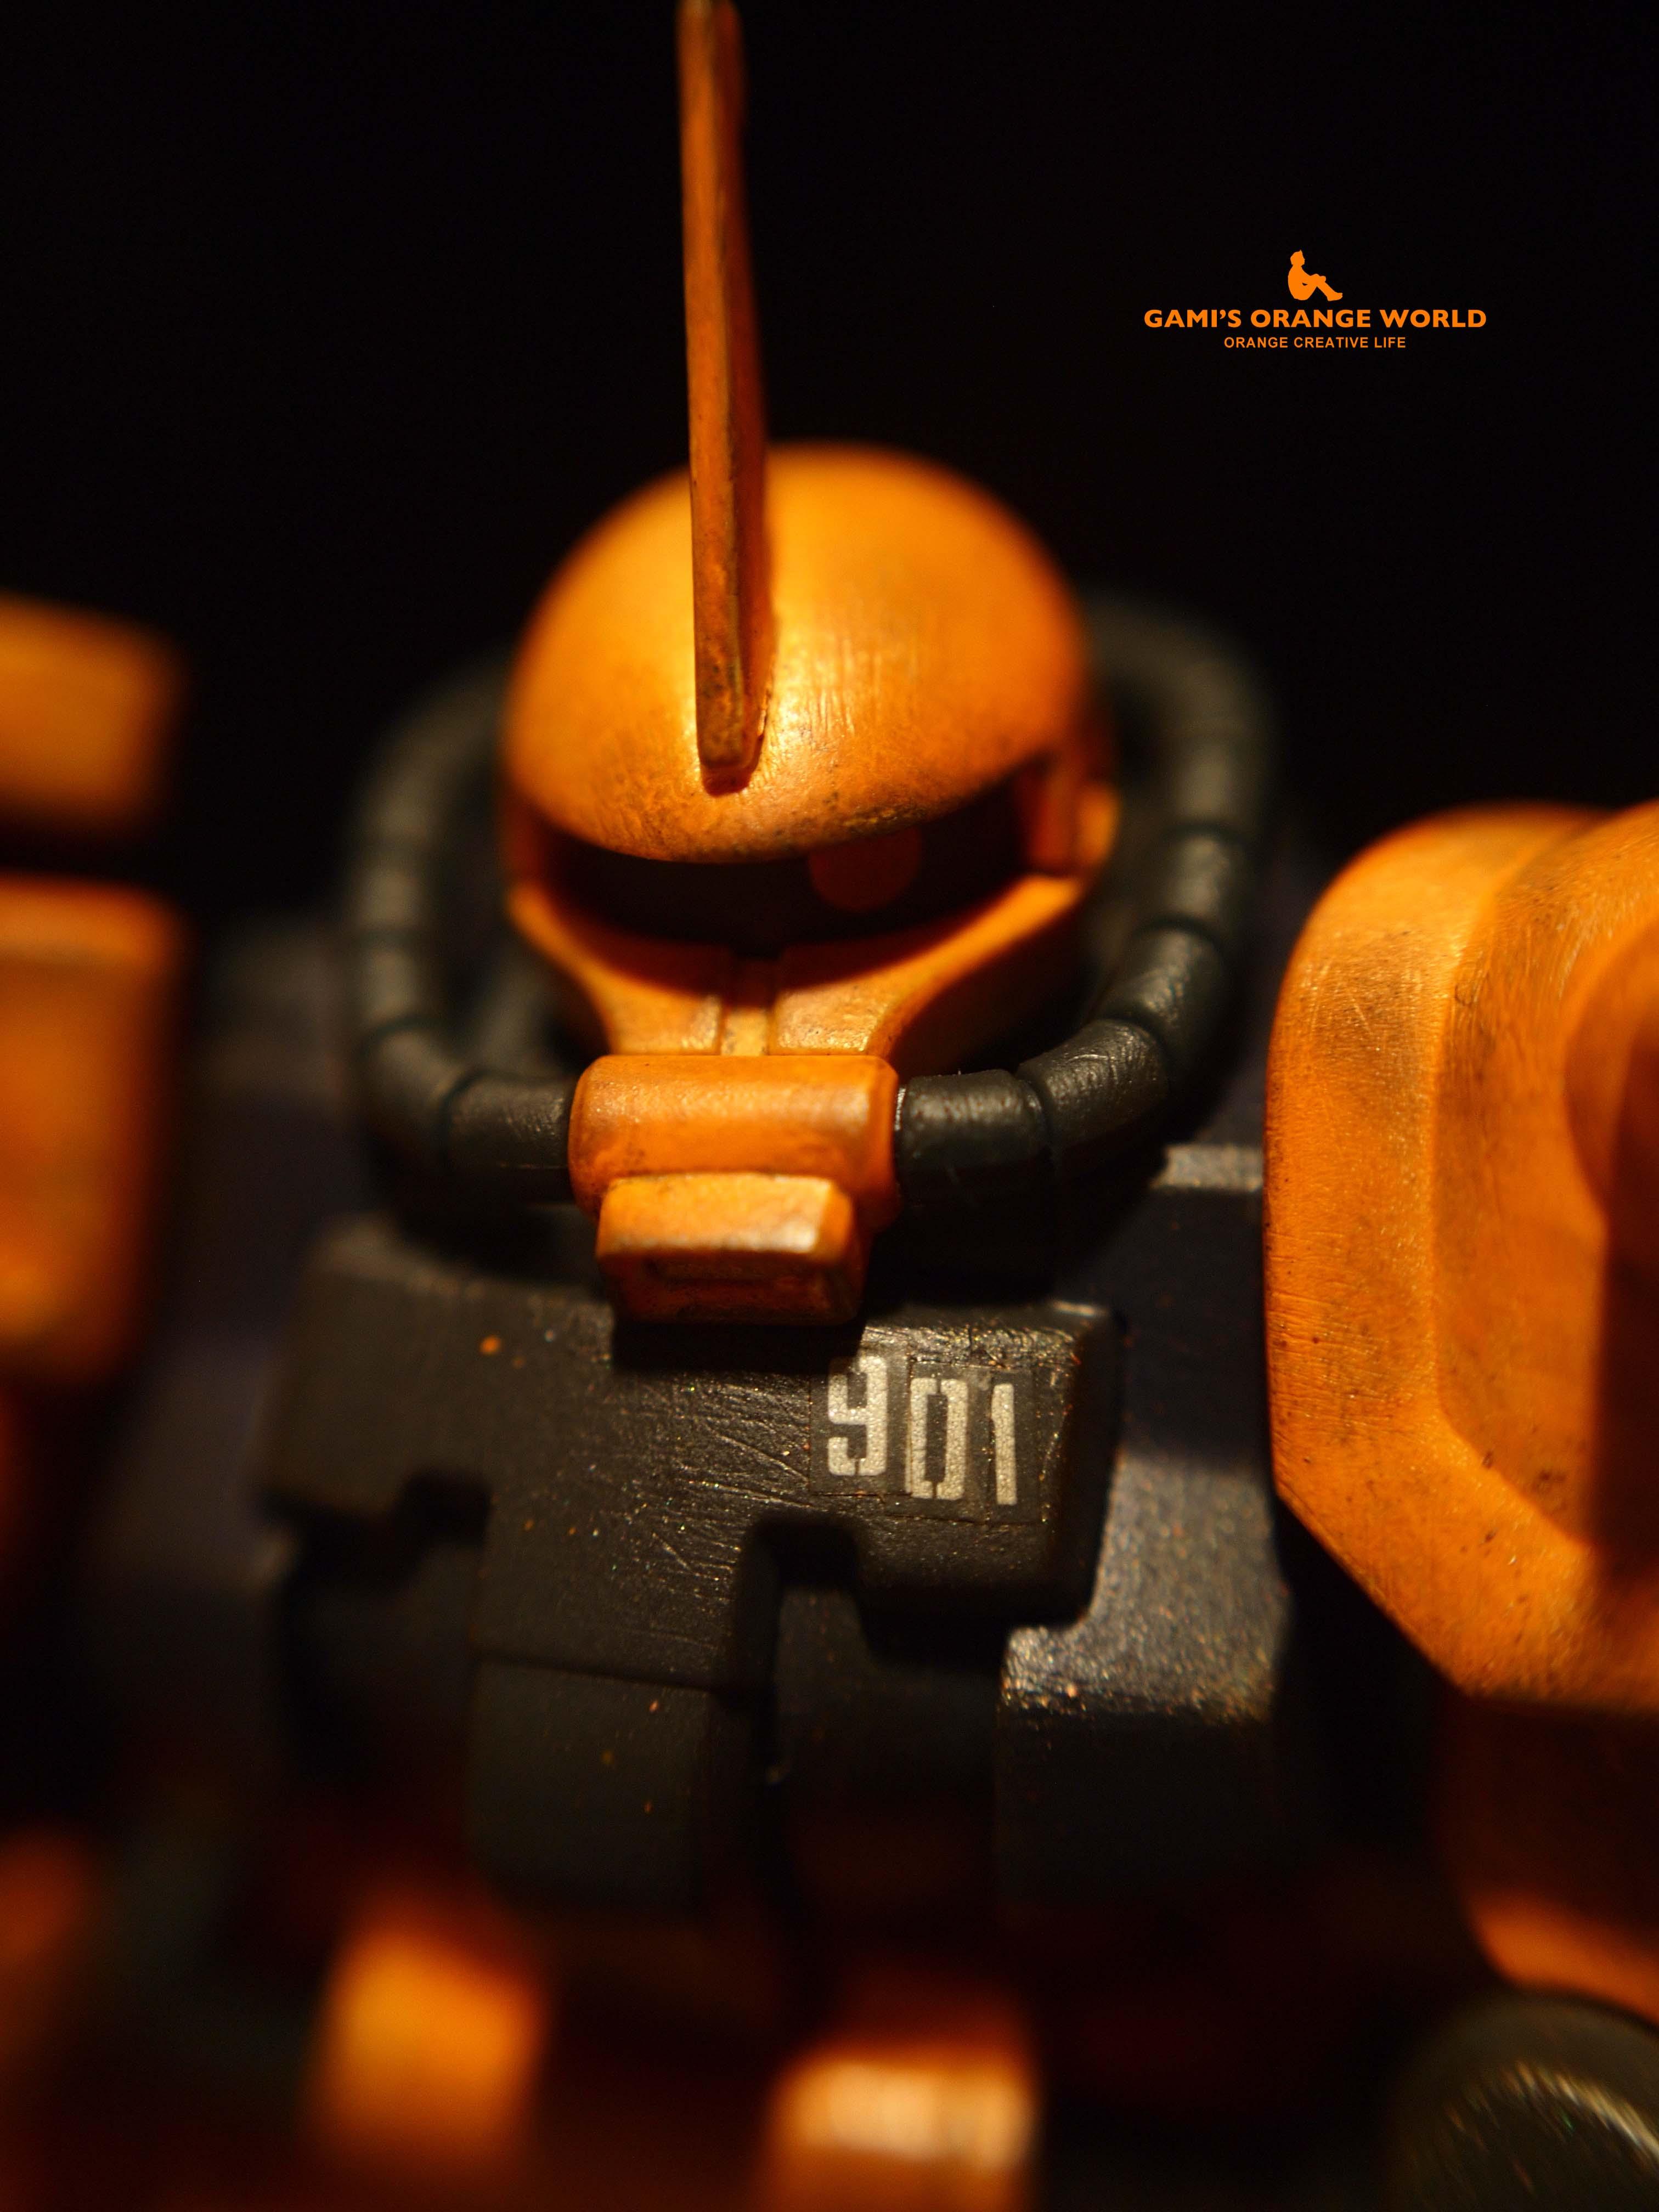 0425オレンジザク1 のコピー